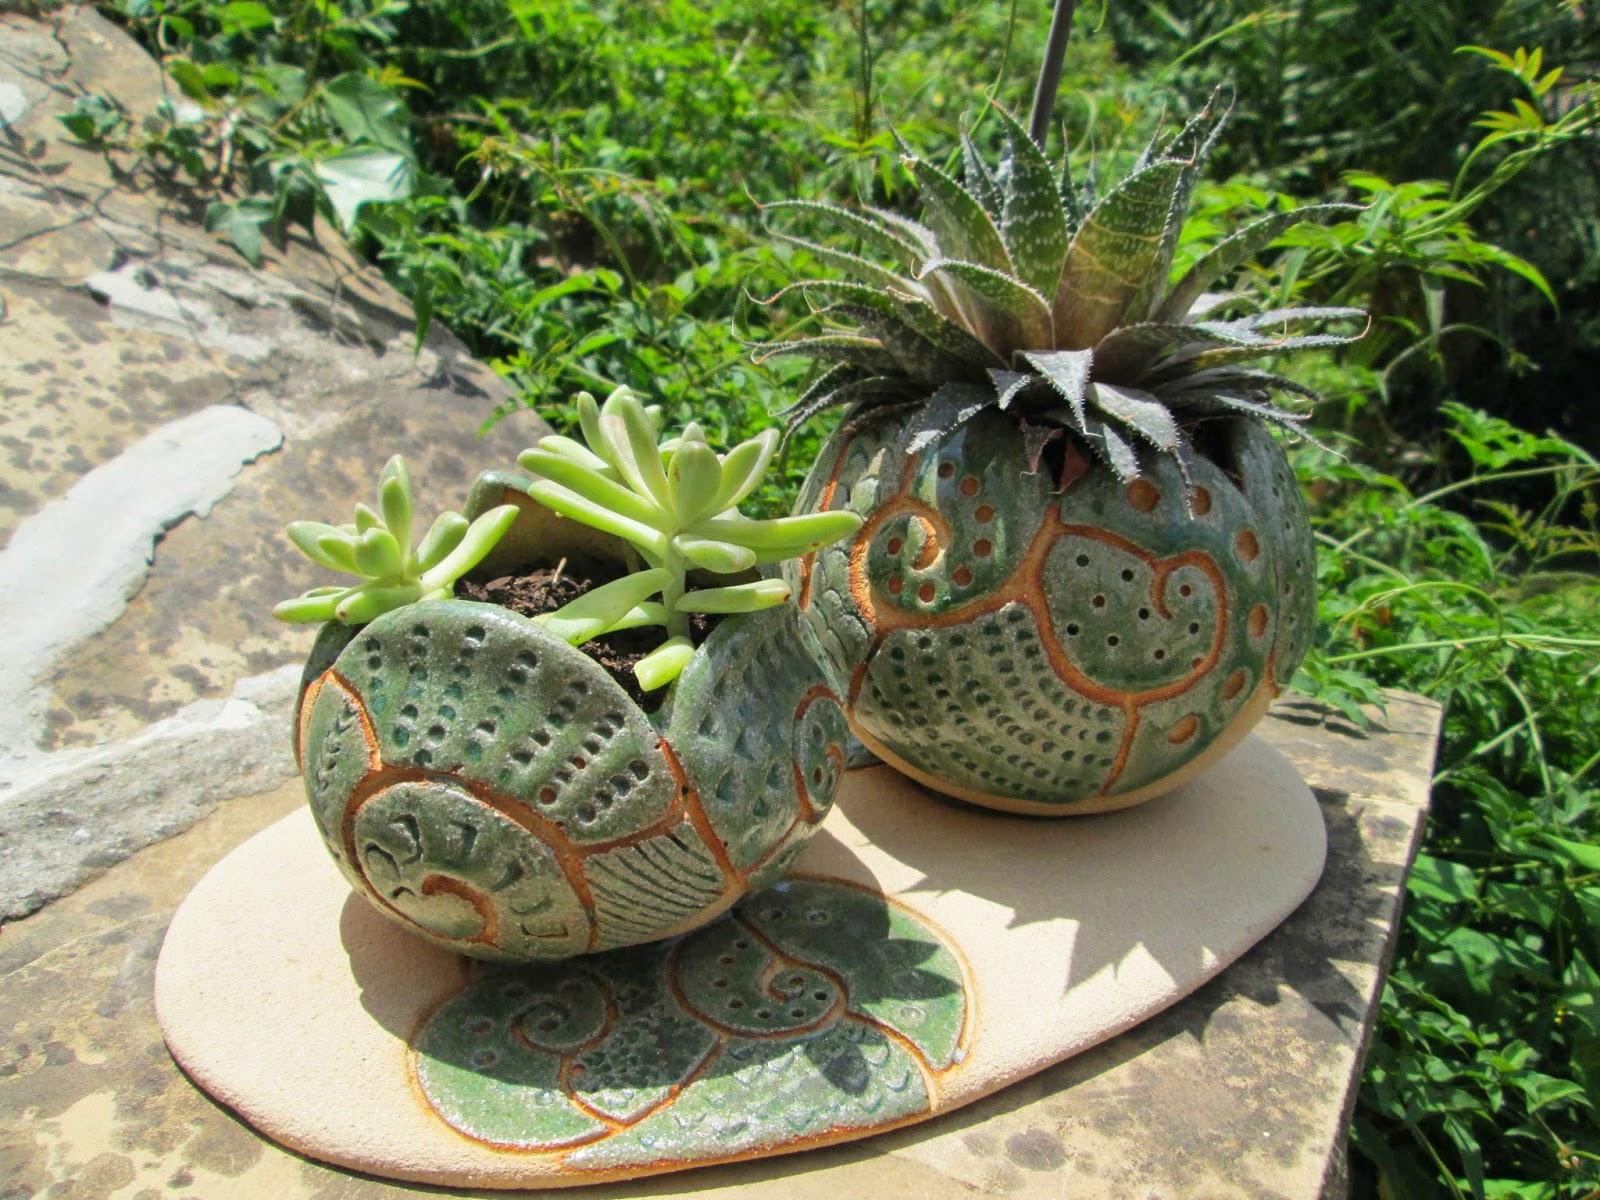 macetas para cactus, macetas para crasas, macetas para suculentas, decoracion jardin, decoración rustica, macetas para el jardin, tendencias en decoracion de jardines, decoracion jardin, macetas decoradas